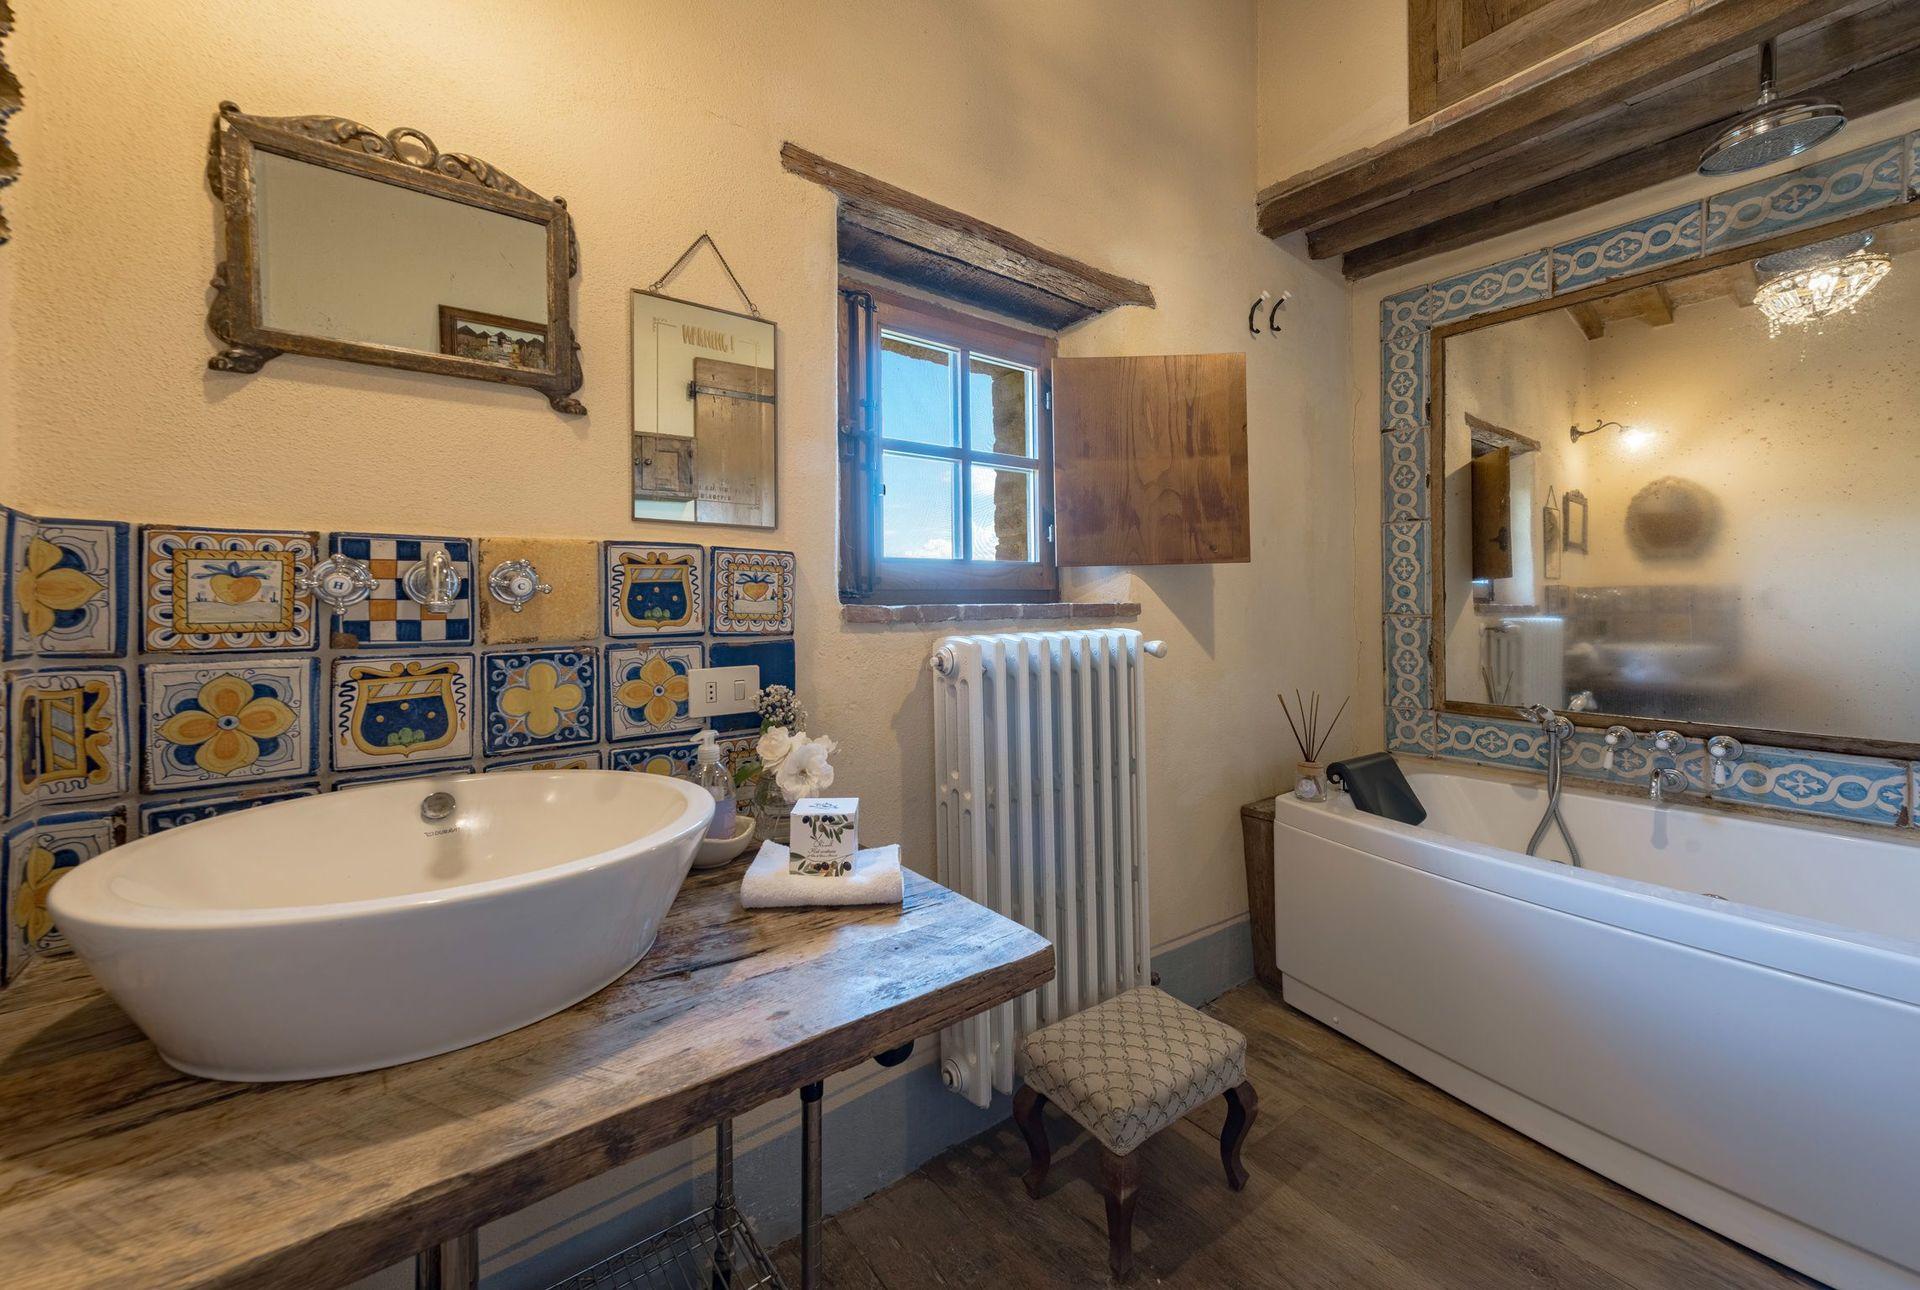 Lavabo Veranda De Roca.Romantica Casa De Vacaciones Con 6 Habitaciones Con Una